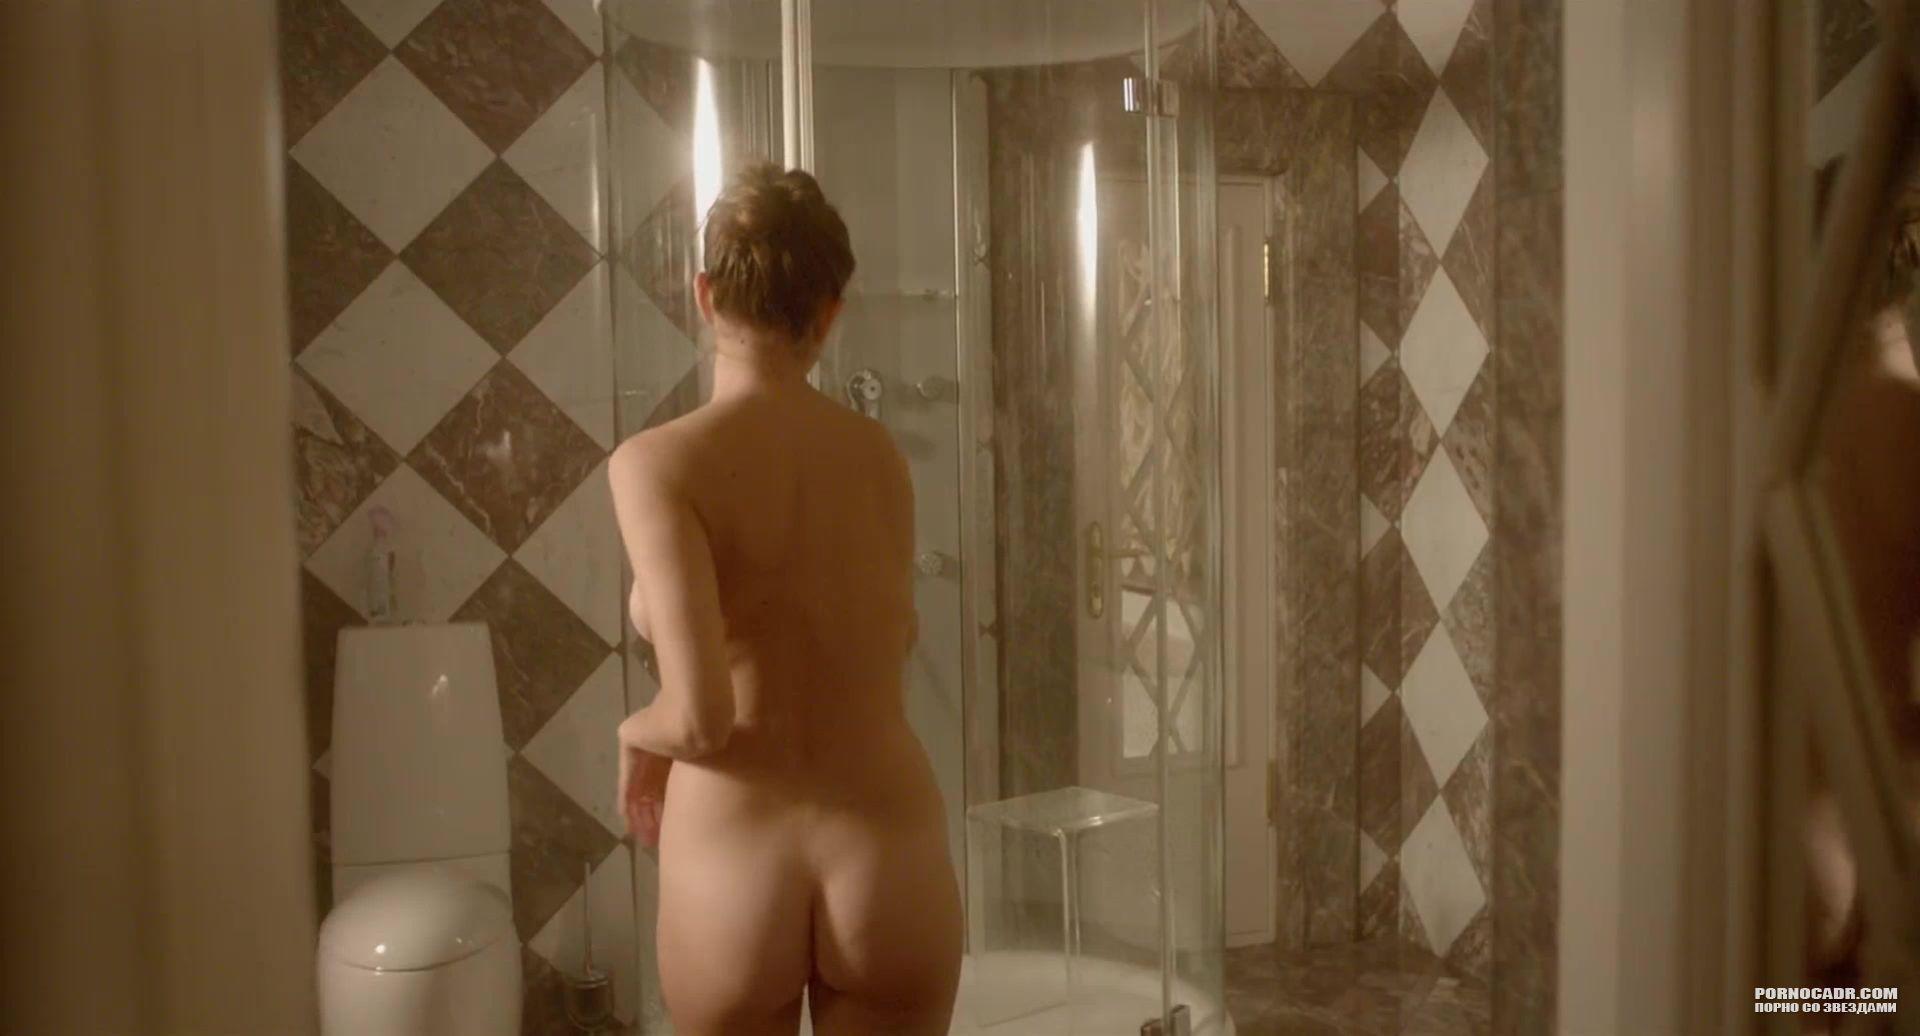 Анна чиповская абсолютно голая фото — img 2